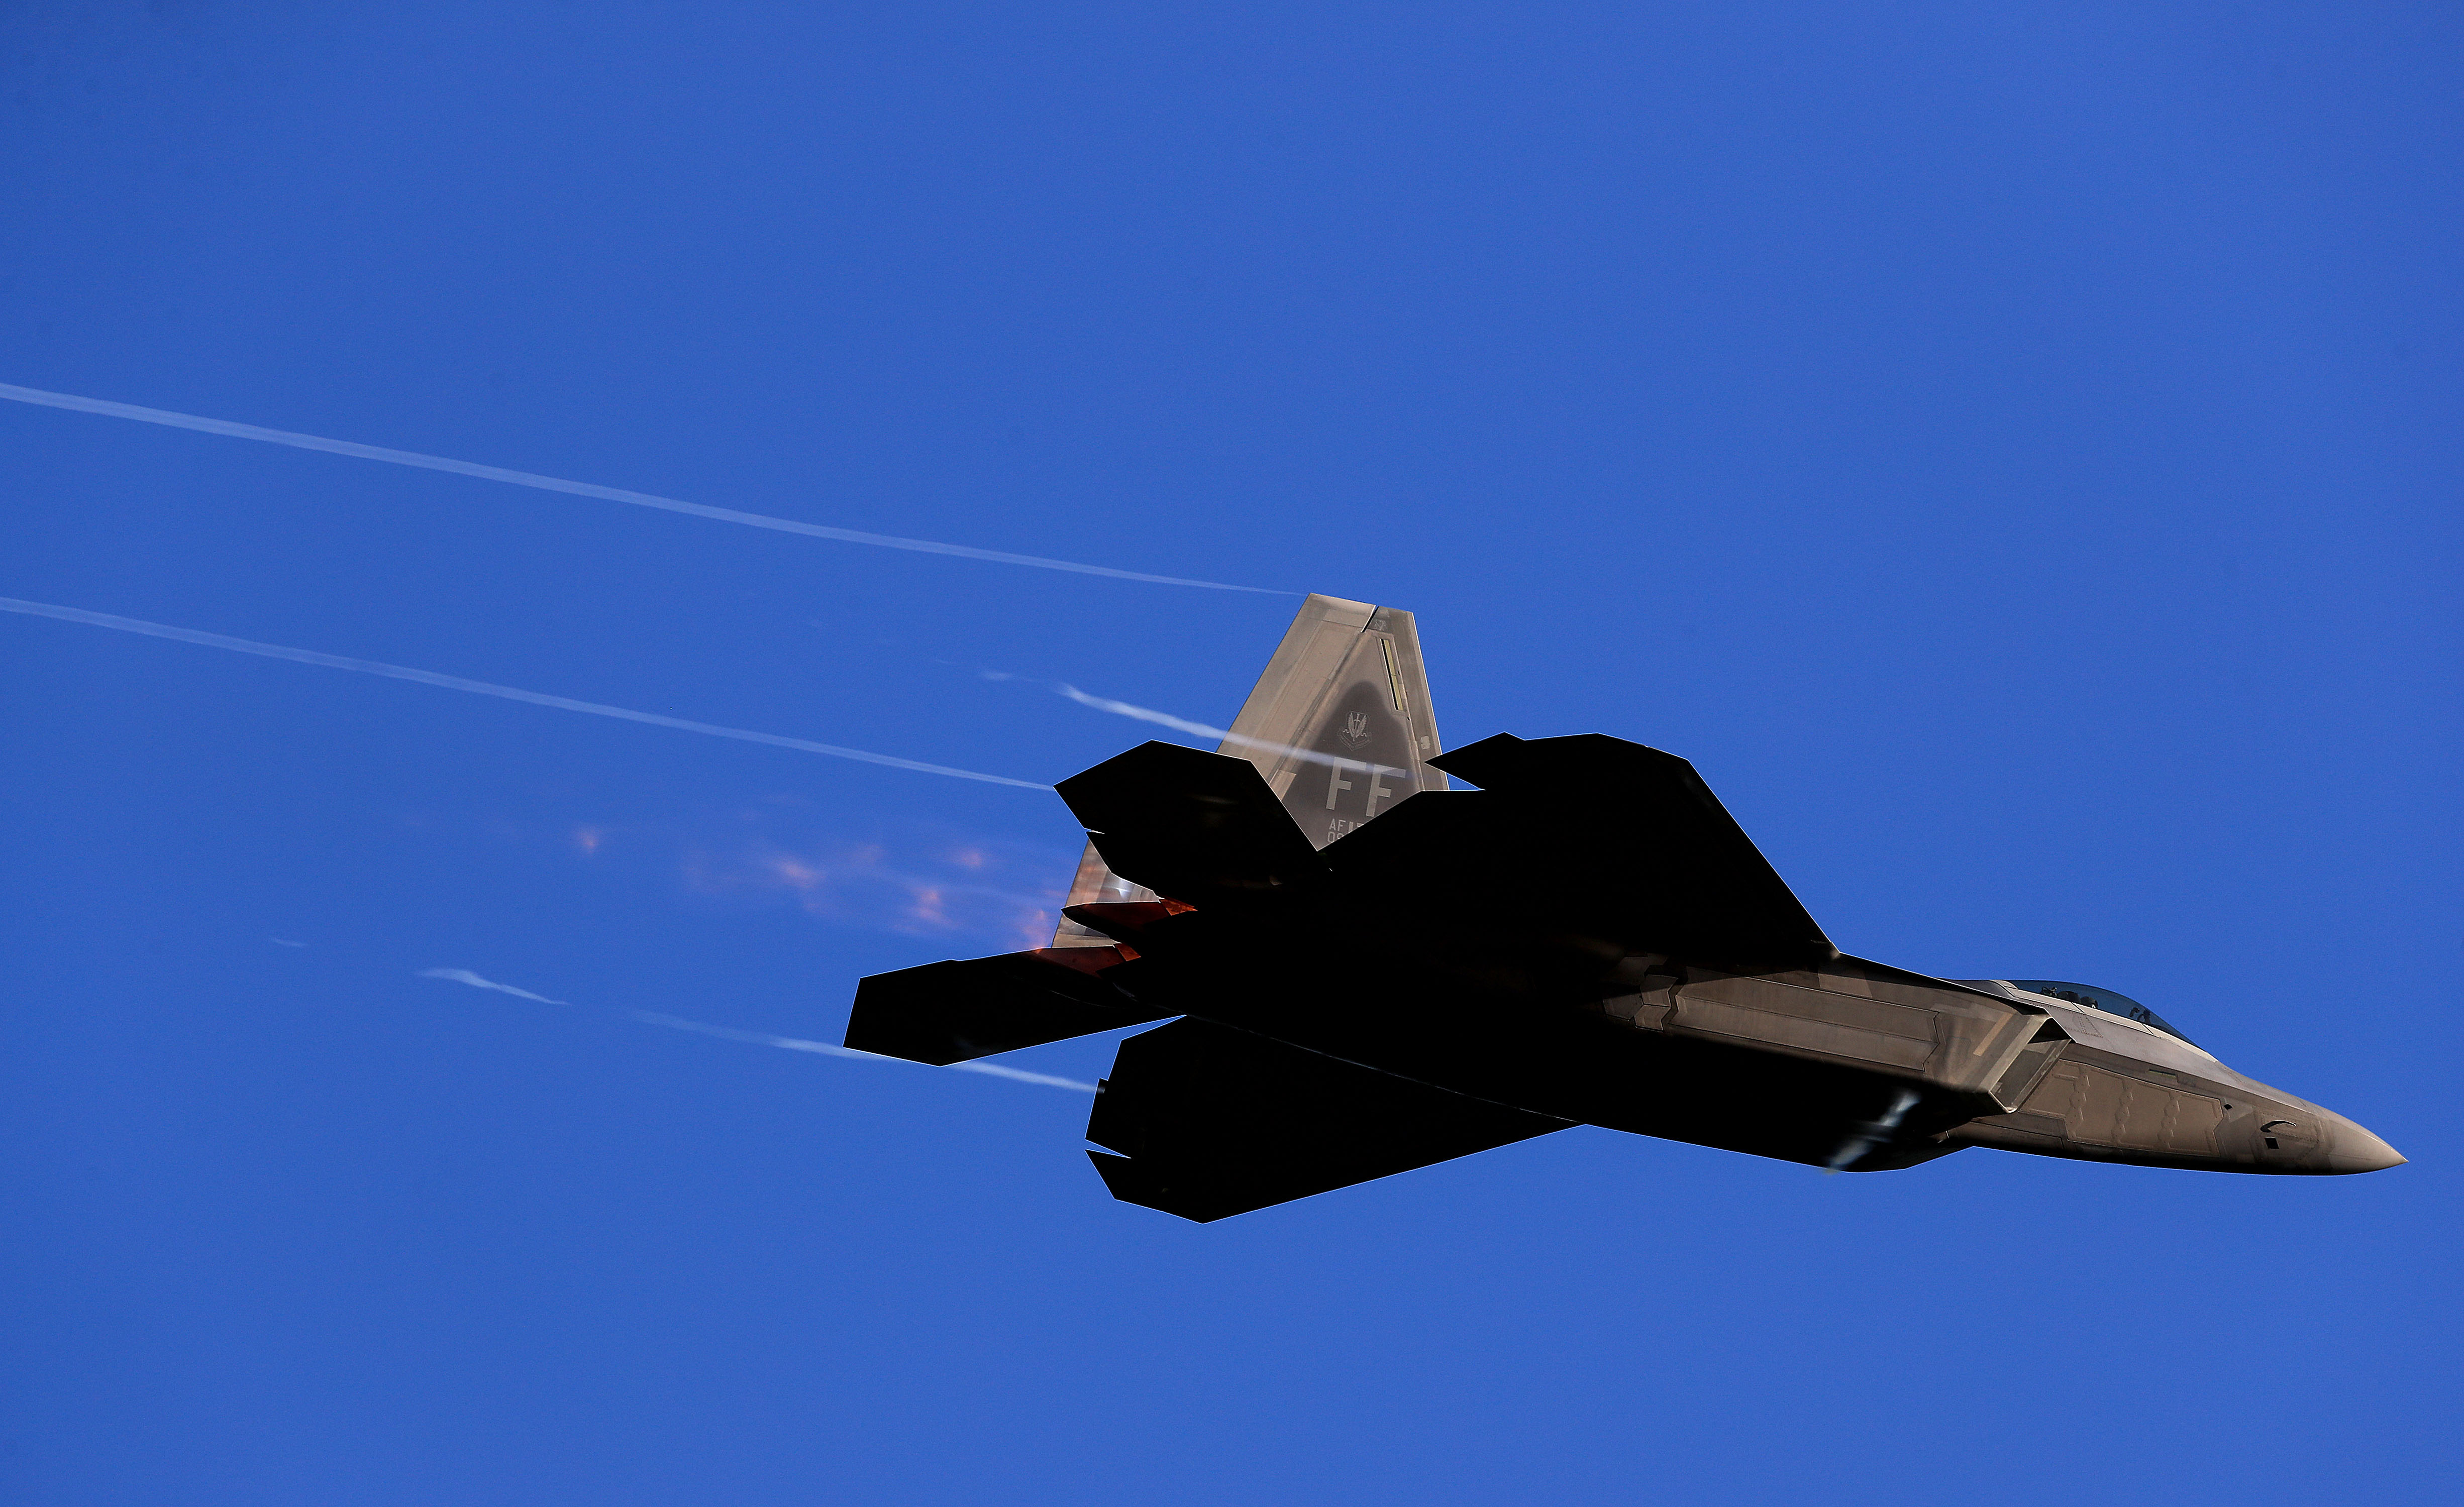 F-22 Raptor Demonstration Team